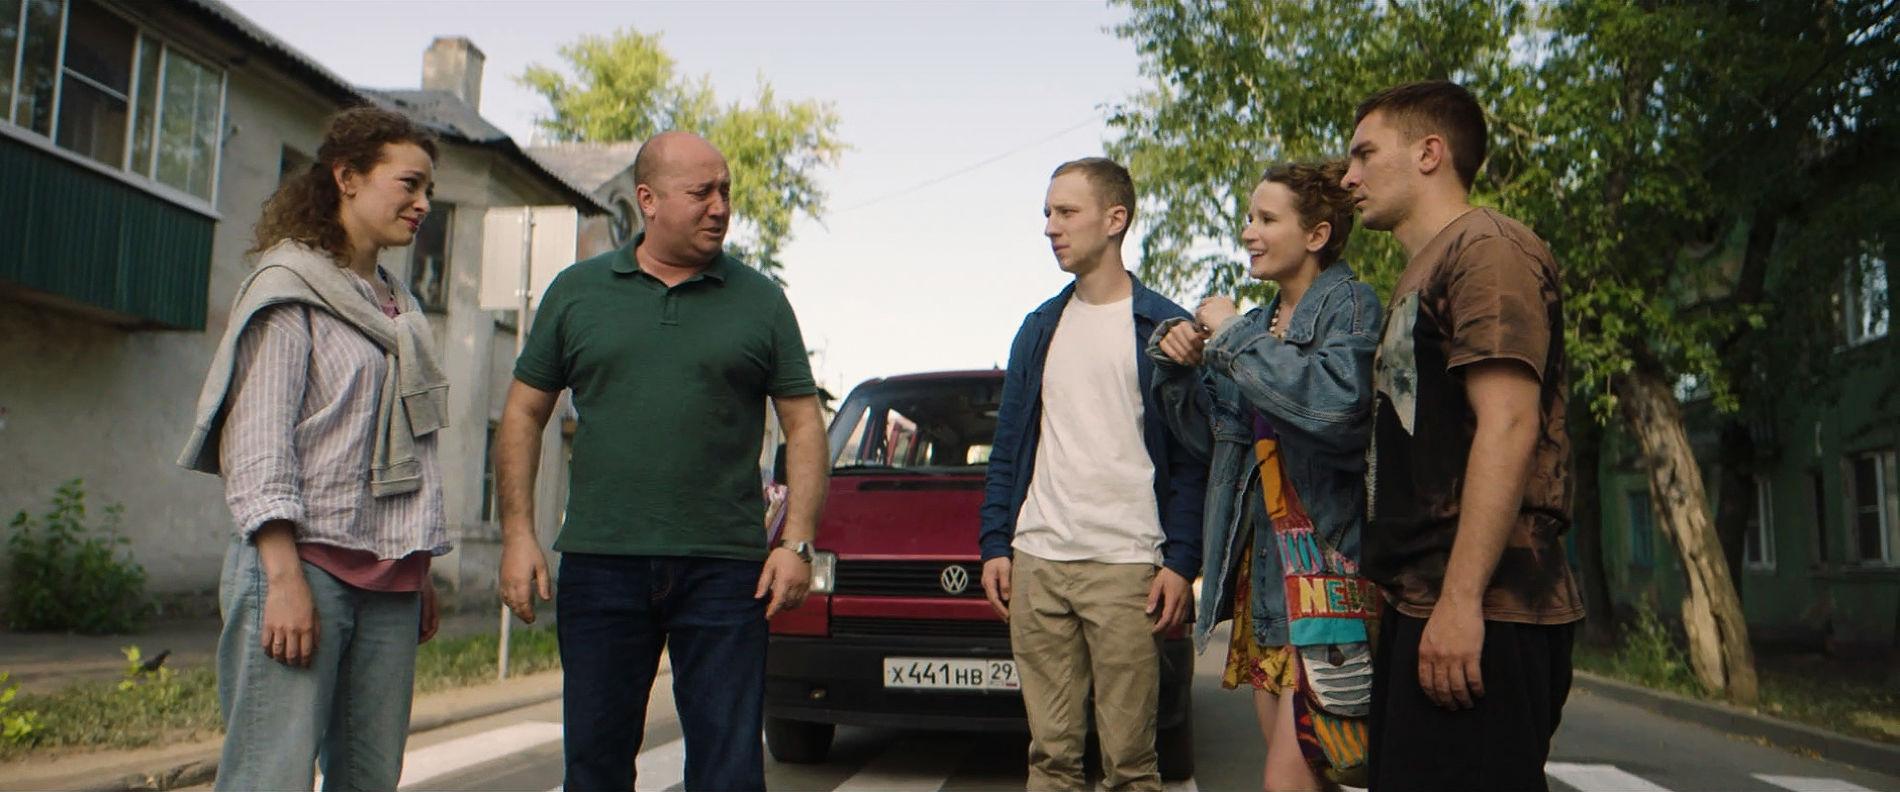 Кадр из фильма «Родные», реж. Илья Аксенов, 2020 год ©Фото с сайта kinopoisk.ru